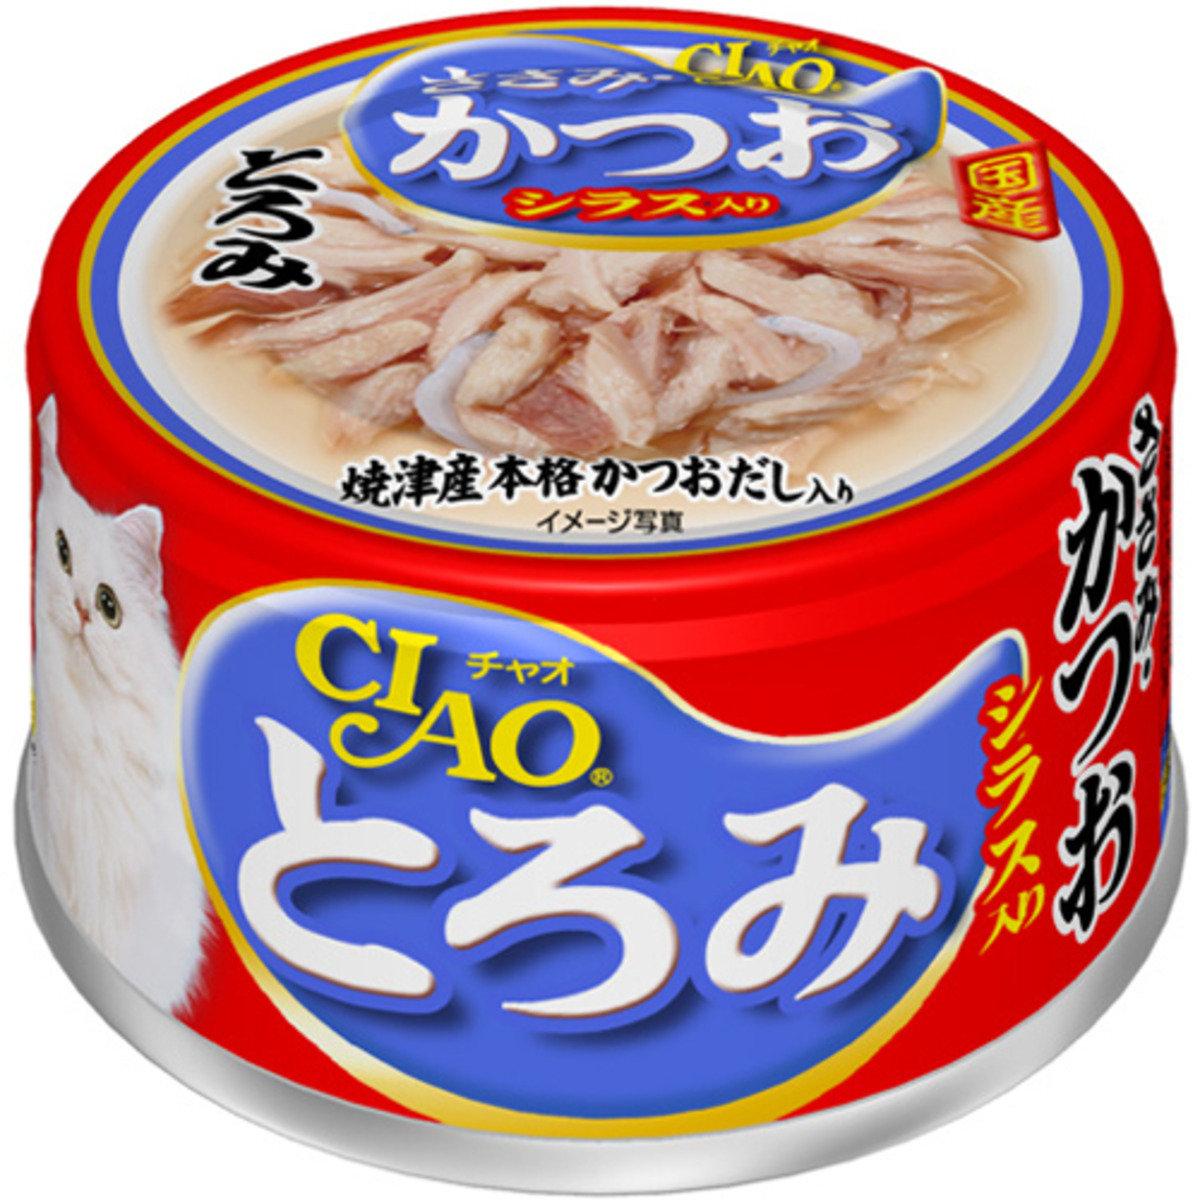 CIAO 雞肉鰹魚銀魚 A-45 80g